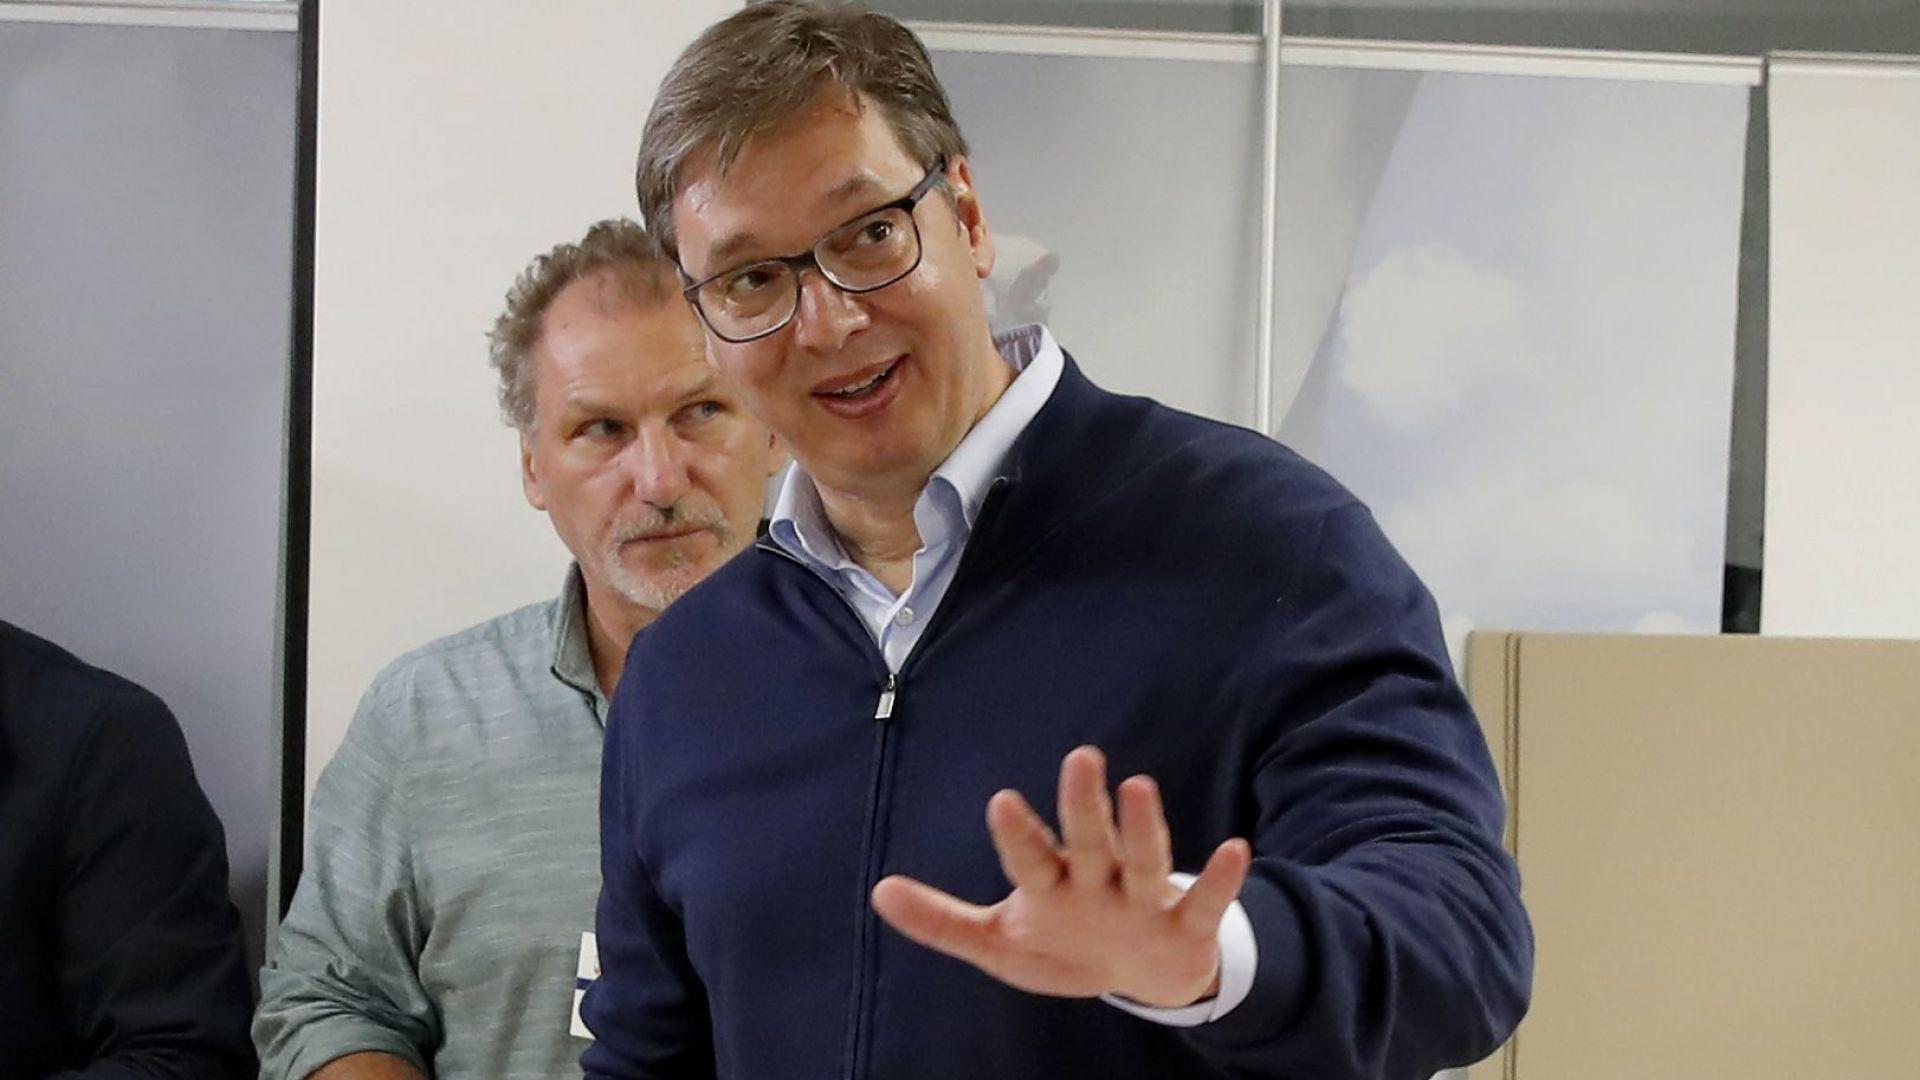 Вучич след победата на изборите в Сърбия: Печелим, но това не значи, че народът е доволен от нас